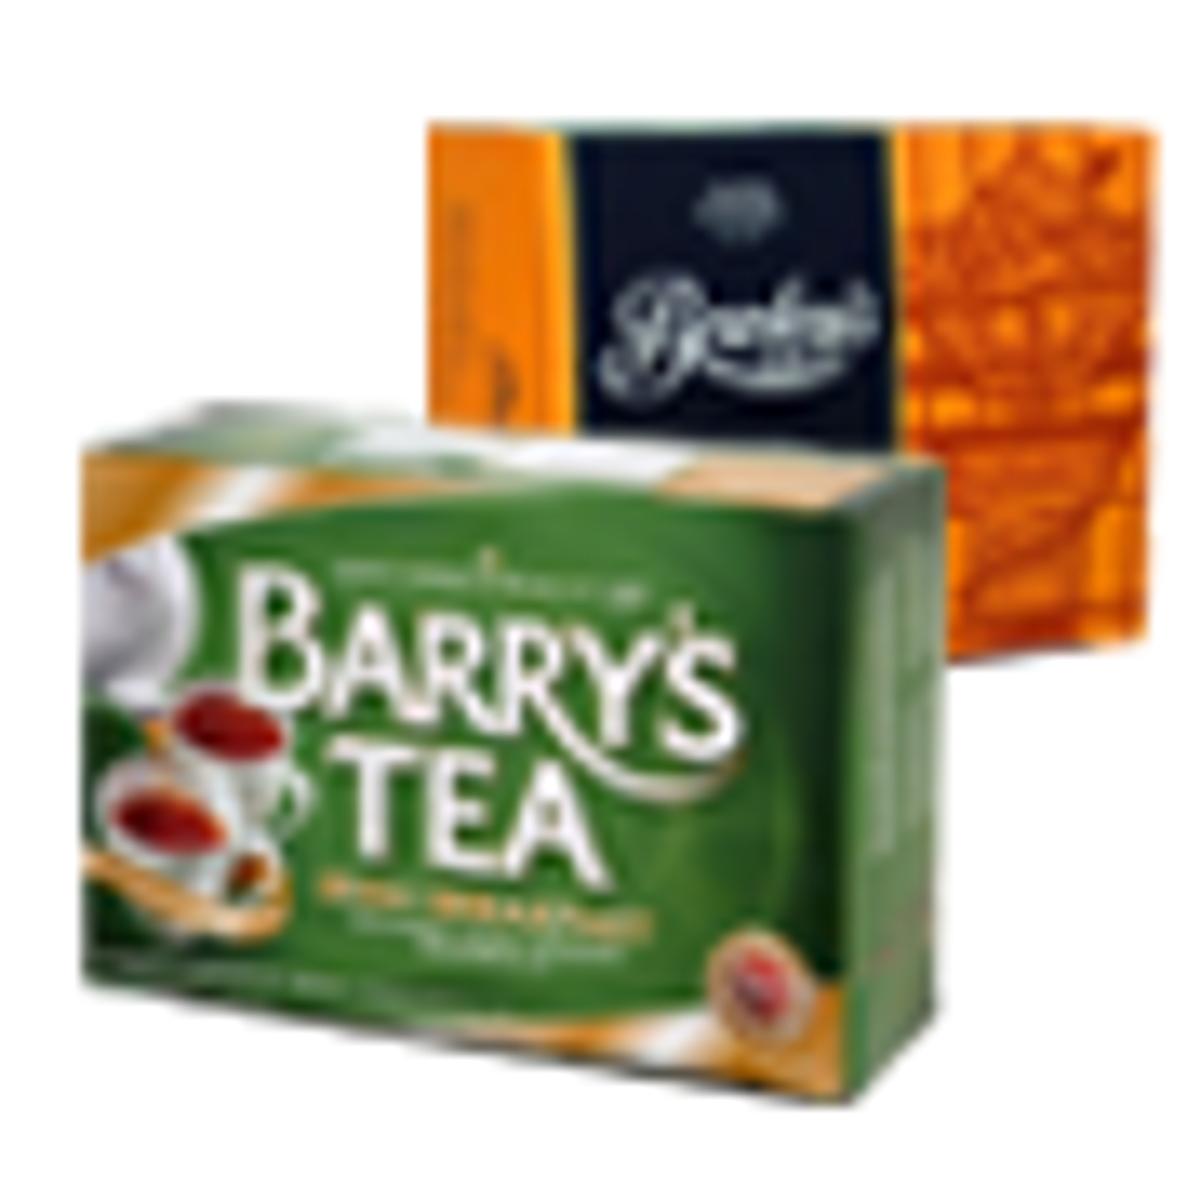 Teas from Ireland